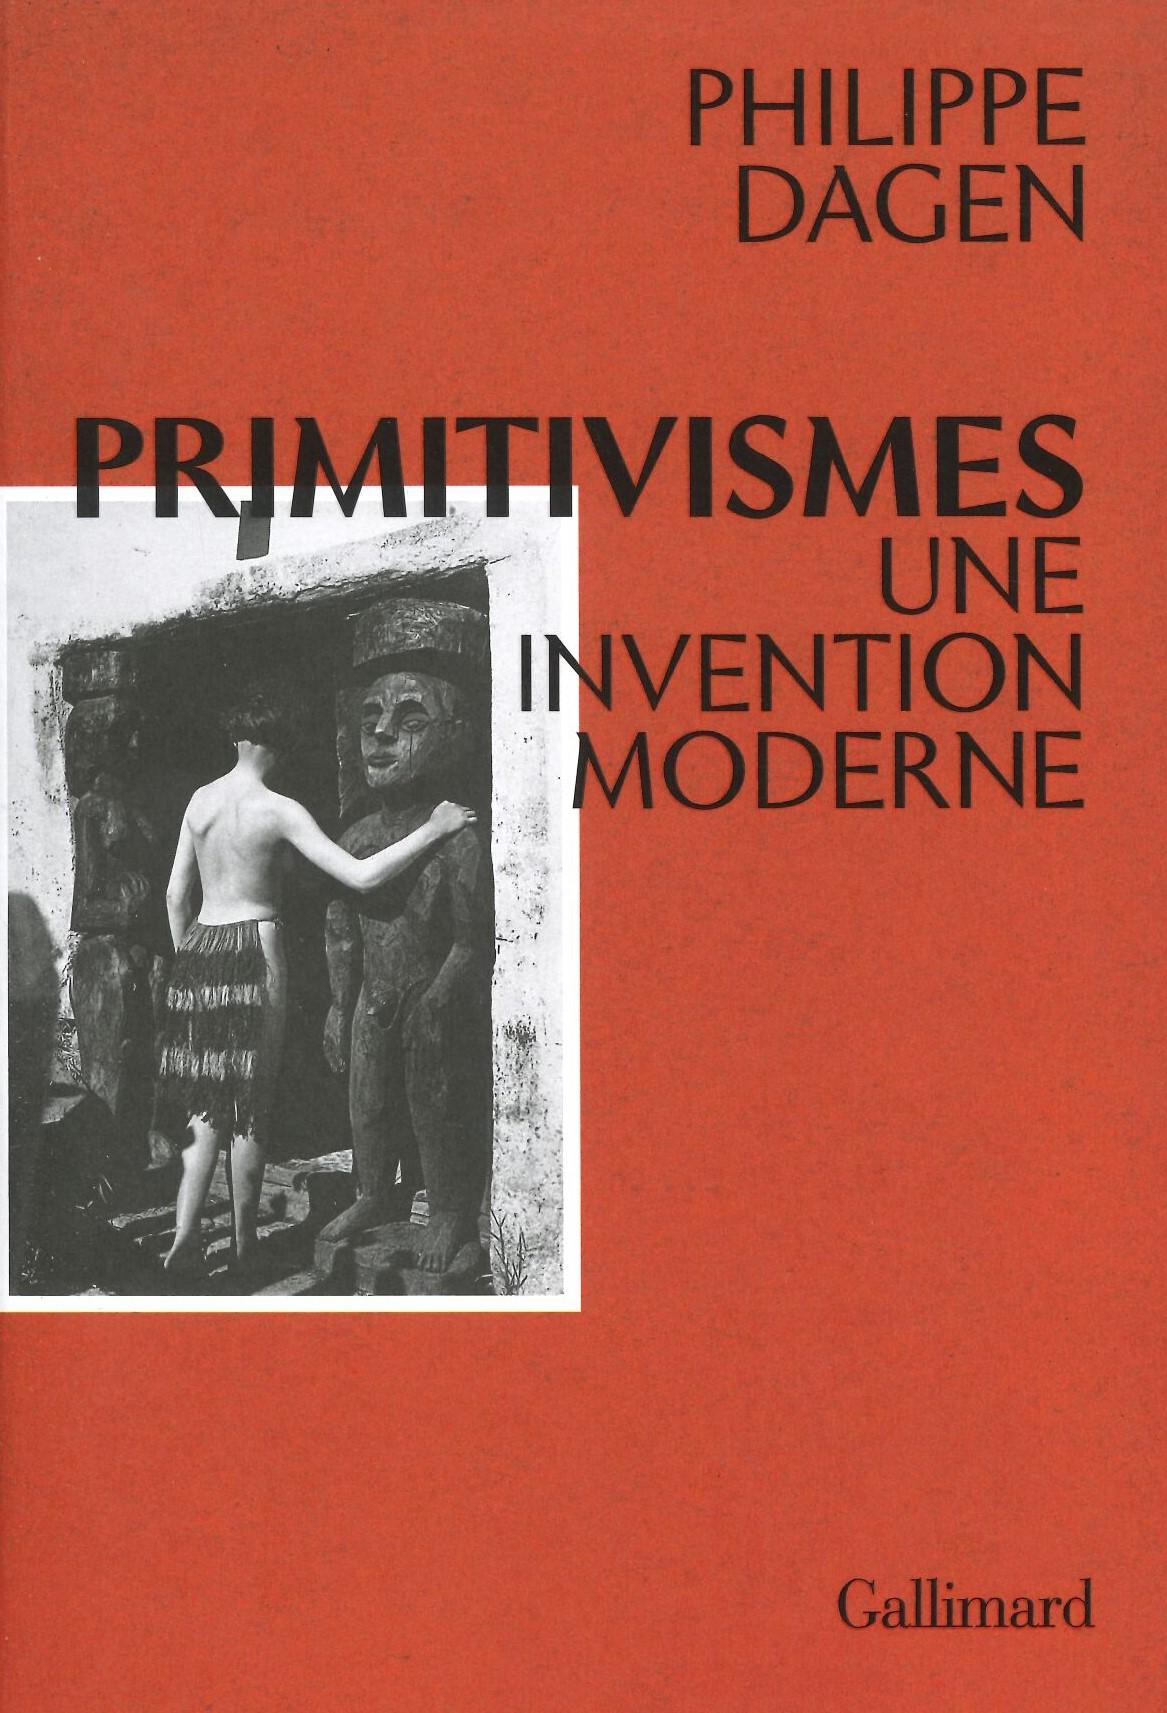 primitivismes_moderne.jpg